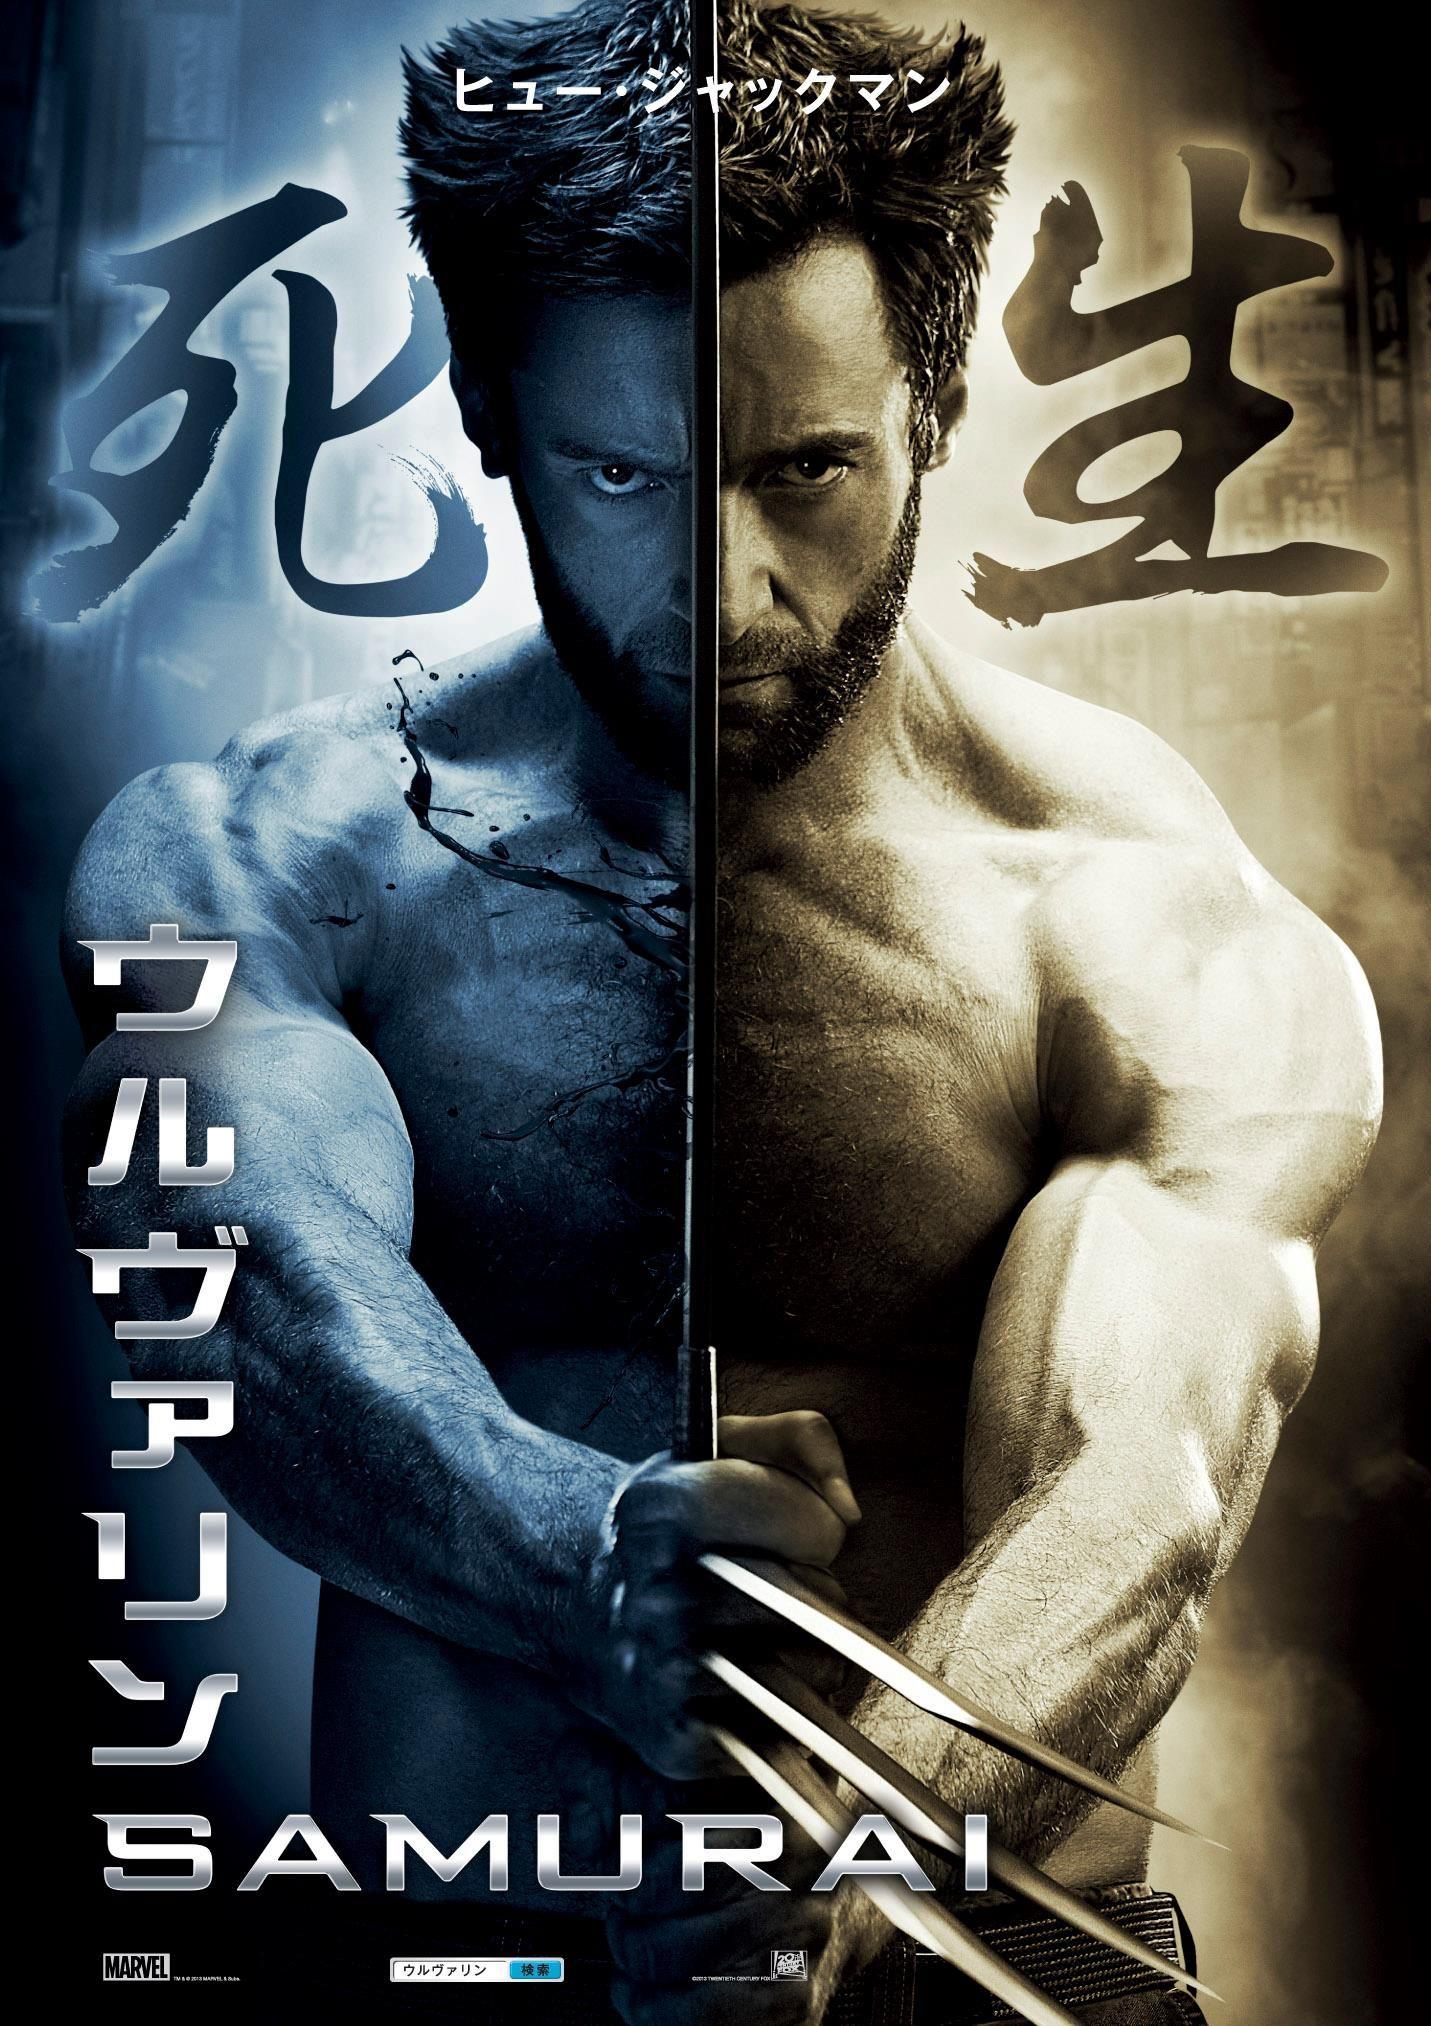 ウルヴァリン Samurai 2013 Wolverine Poster Wolverine Film Wolverine Movie